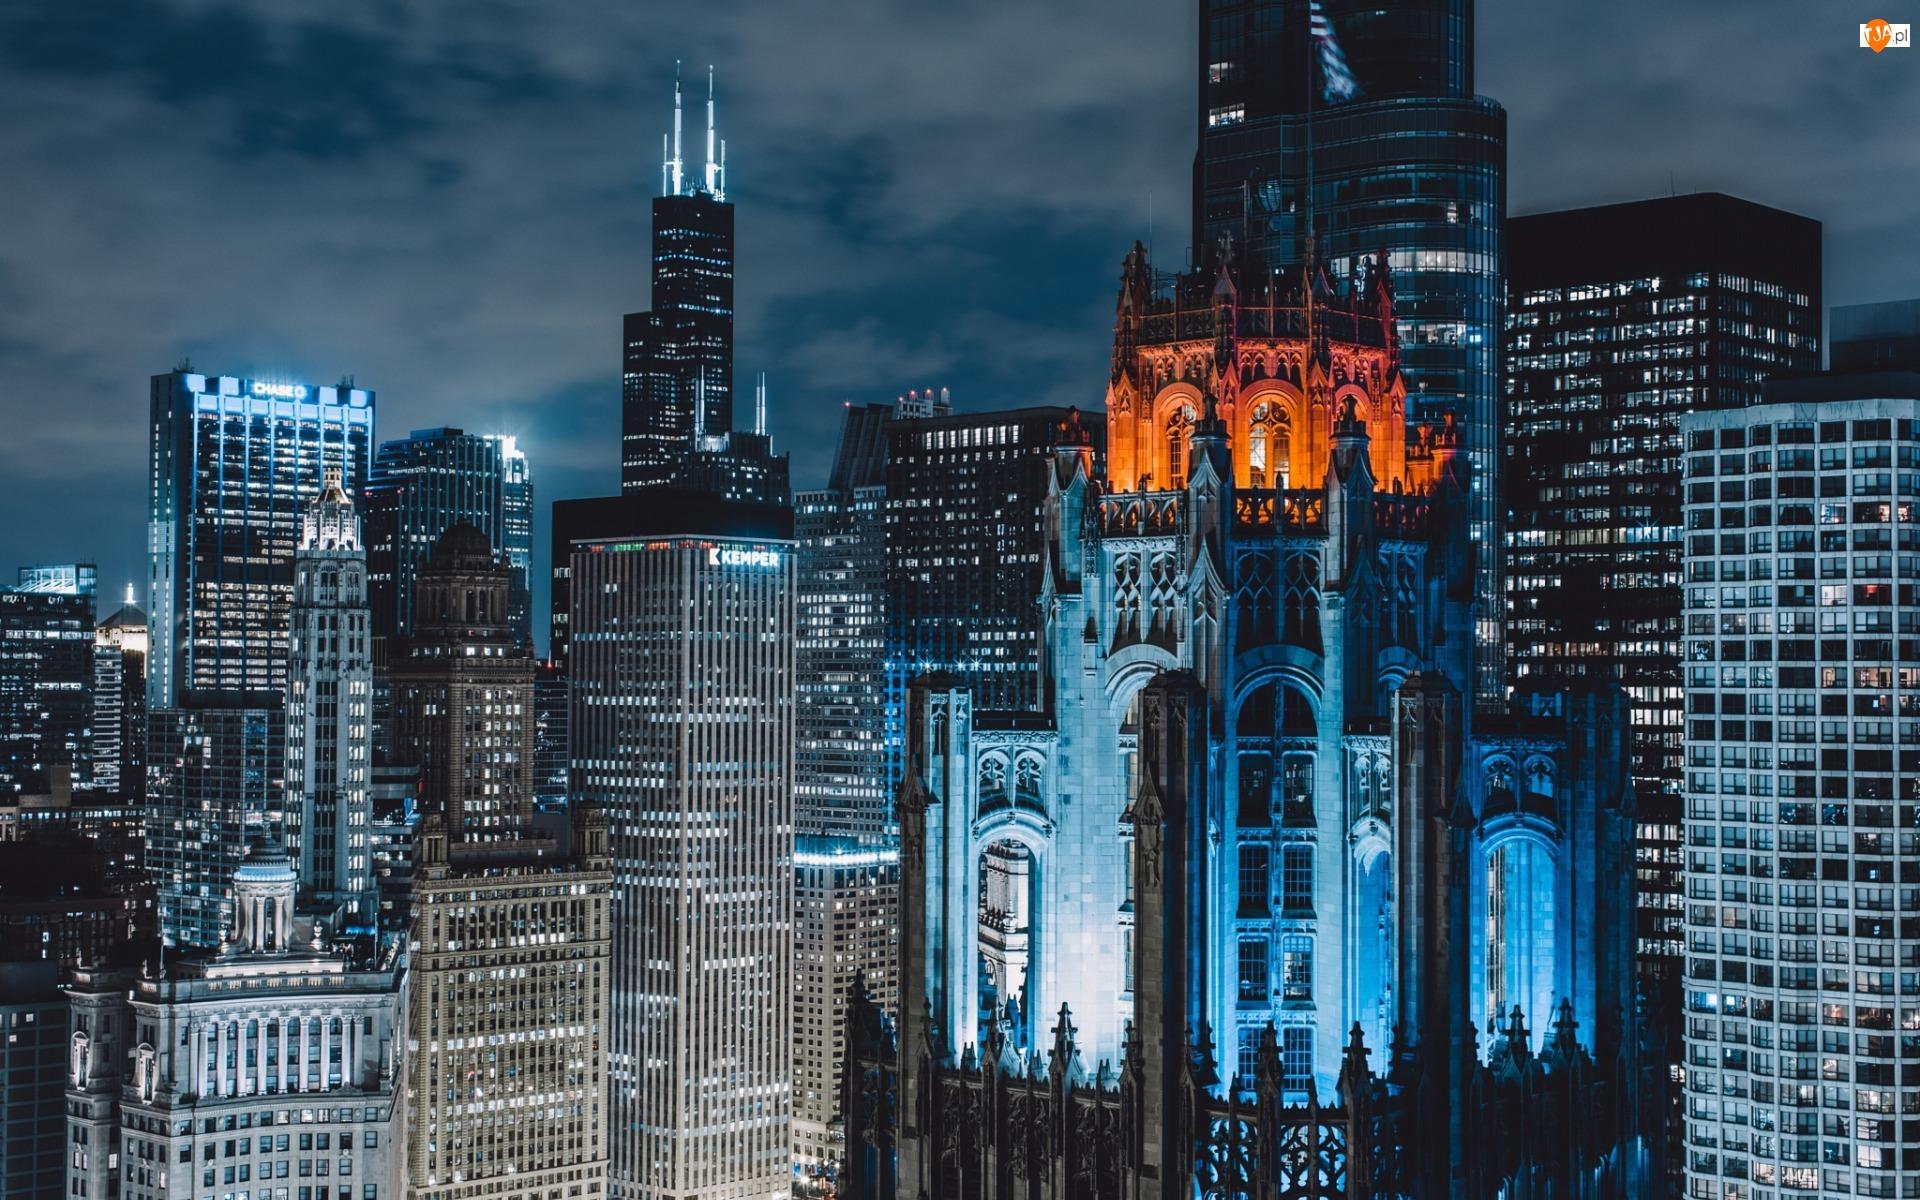 Chicago, Stany Zjednoczone, Zabytkowy budynek Tribune Tower, Chicago, Wieżowce